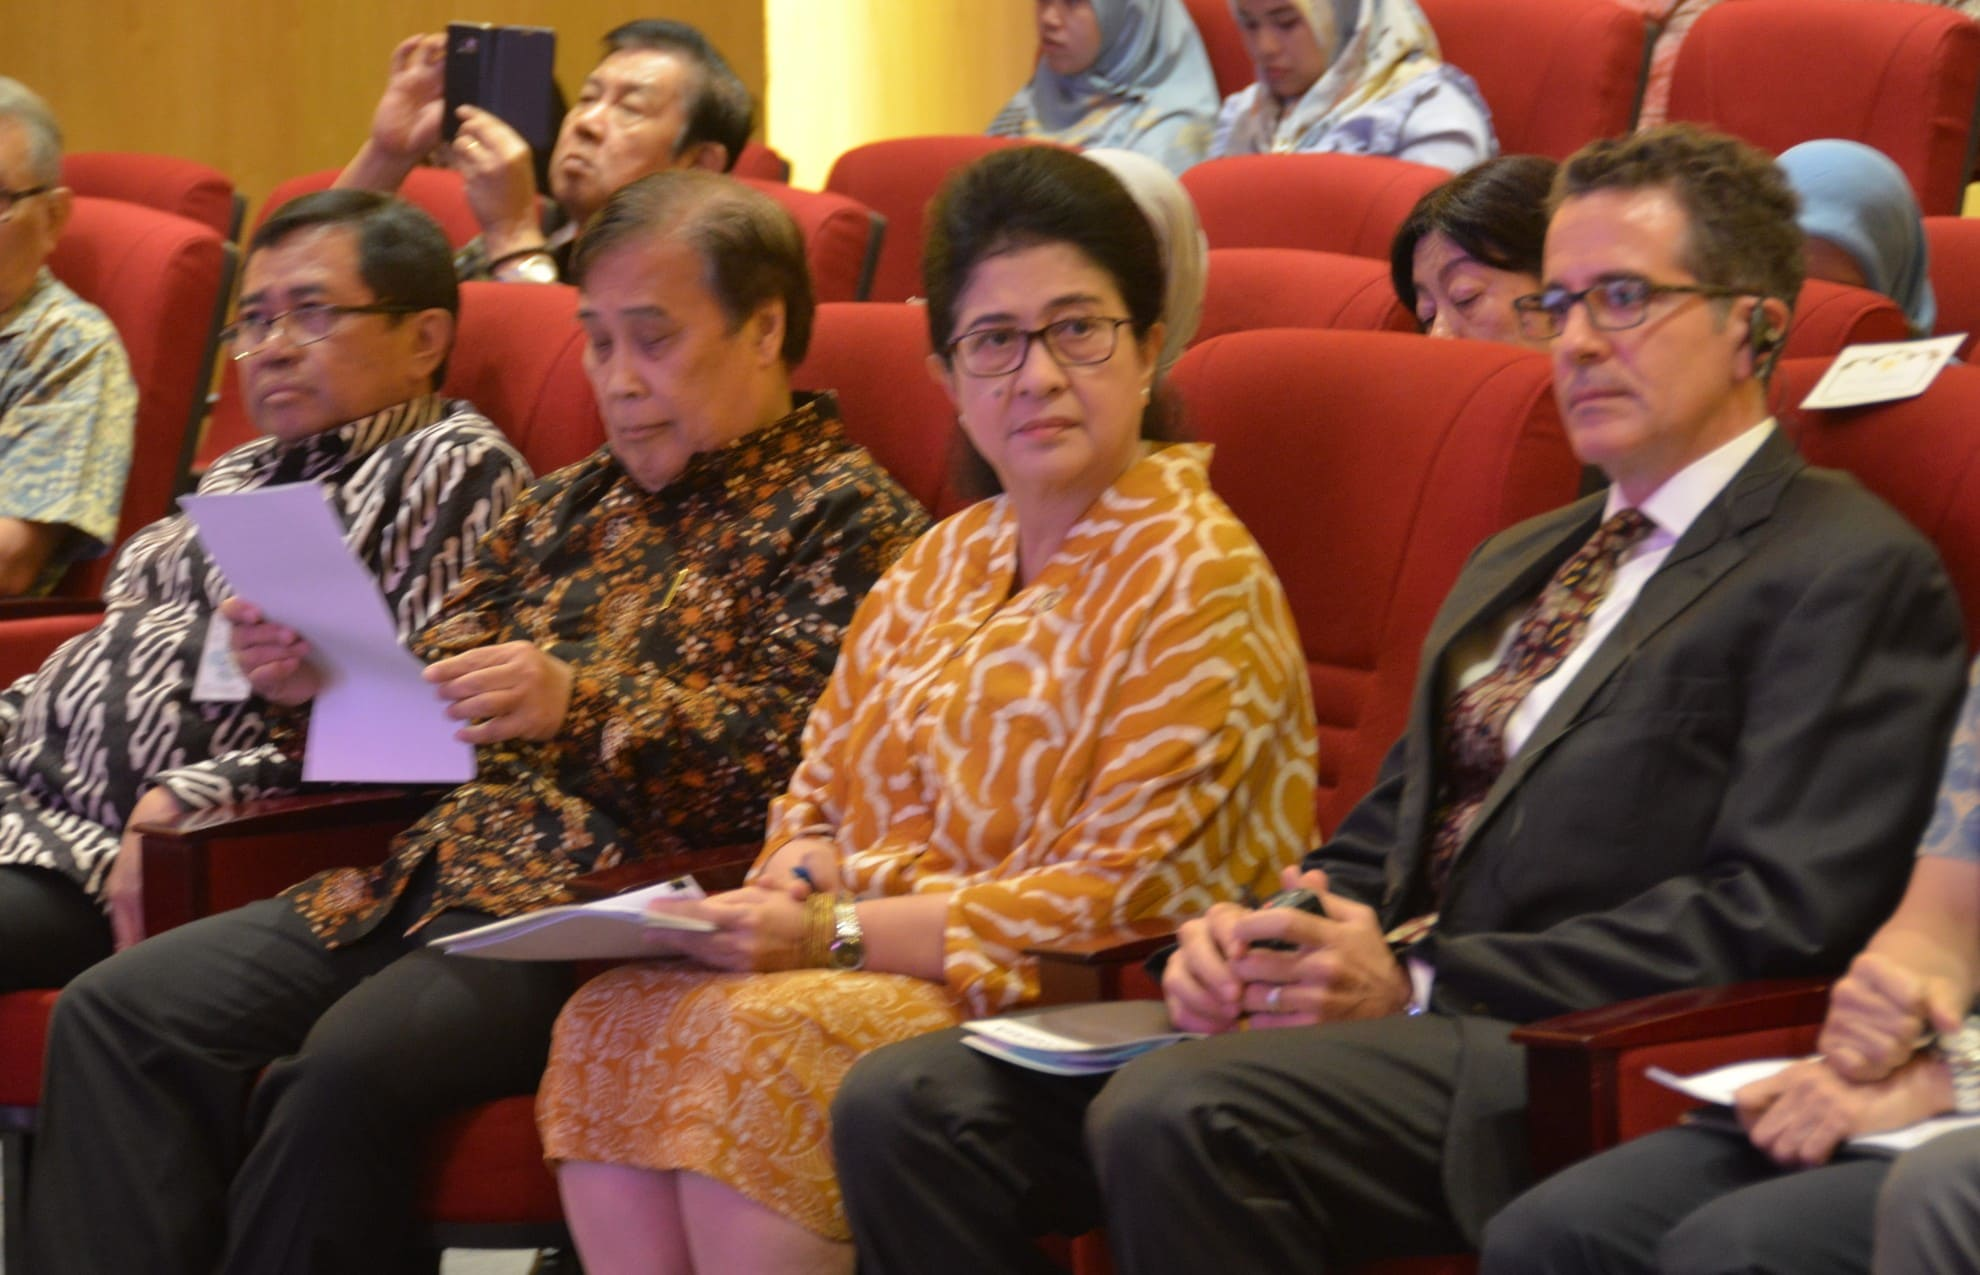 28-03-2018-menkes-di-acara-pertemuan-evidence-summit-untuk-mengurangi-kematian-ibu-dan-bayi-baru-lahir-di-indonesia